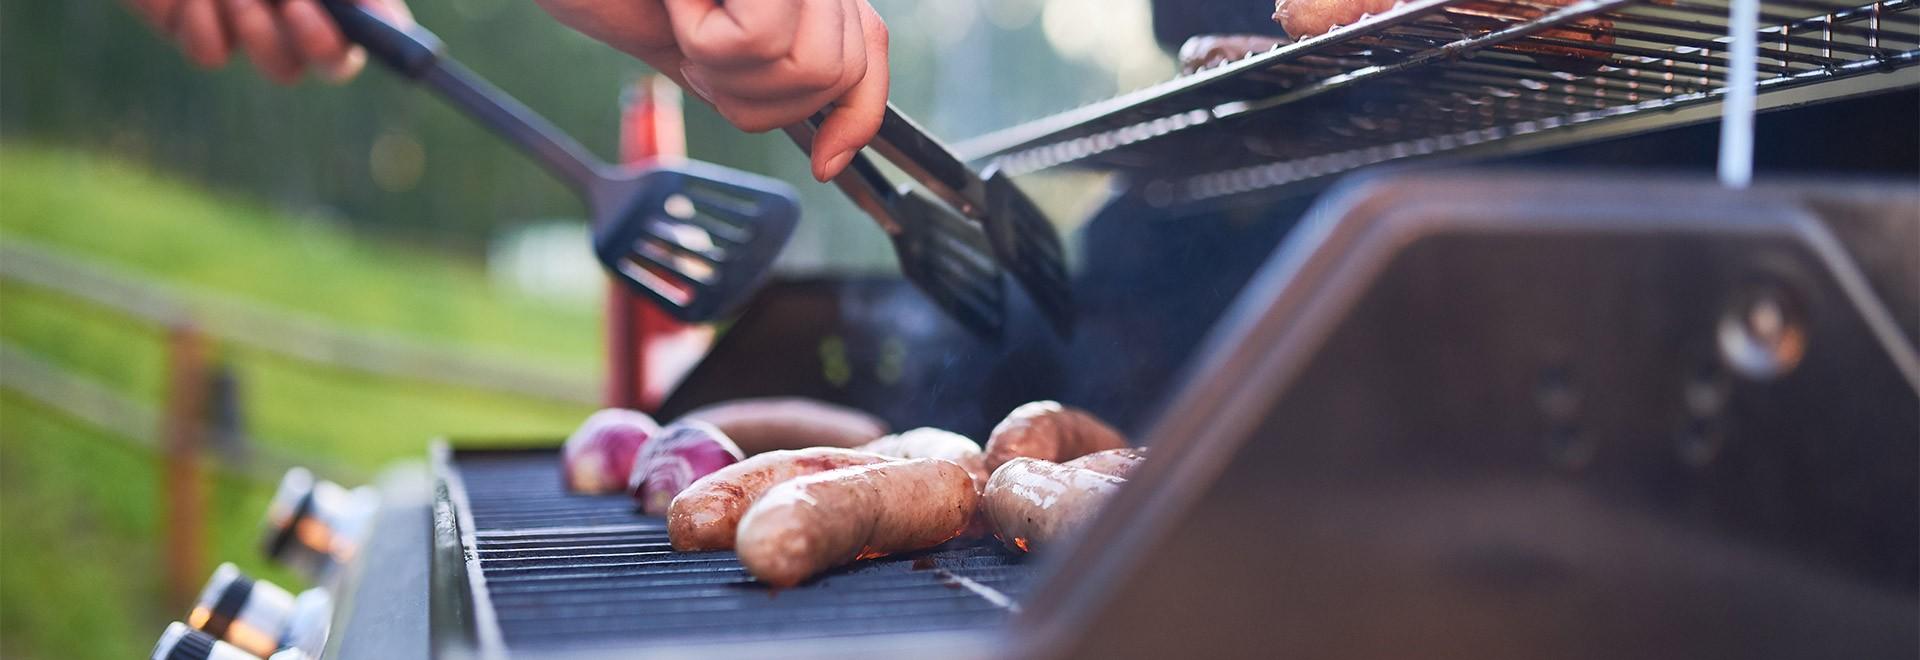 Quatre questions pour celui ou celle qui magasine un barbecue